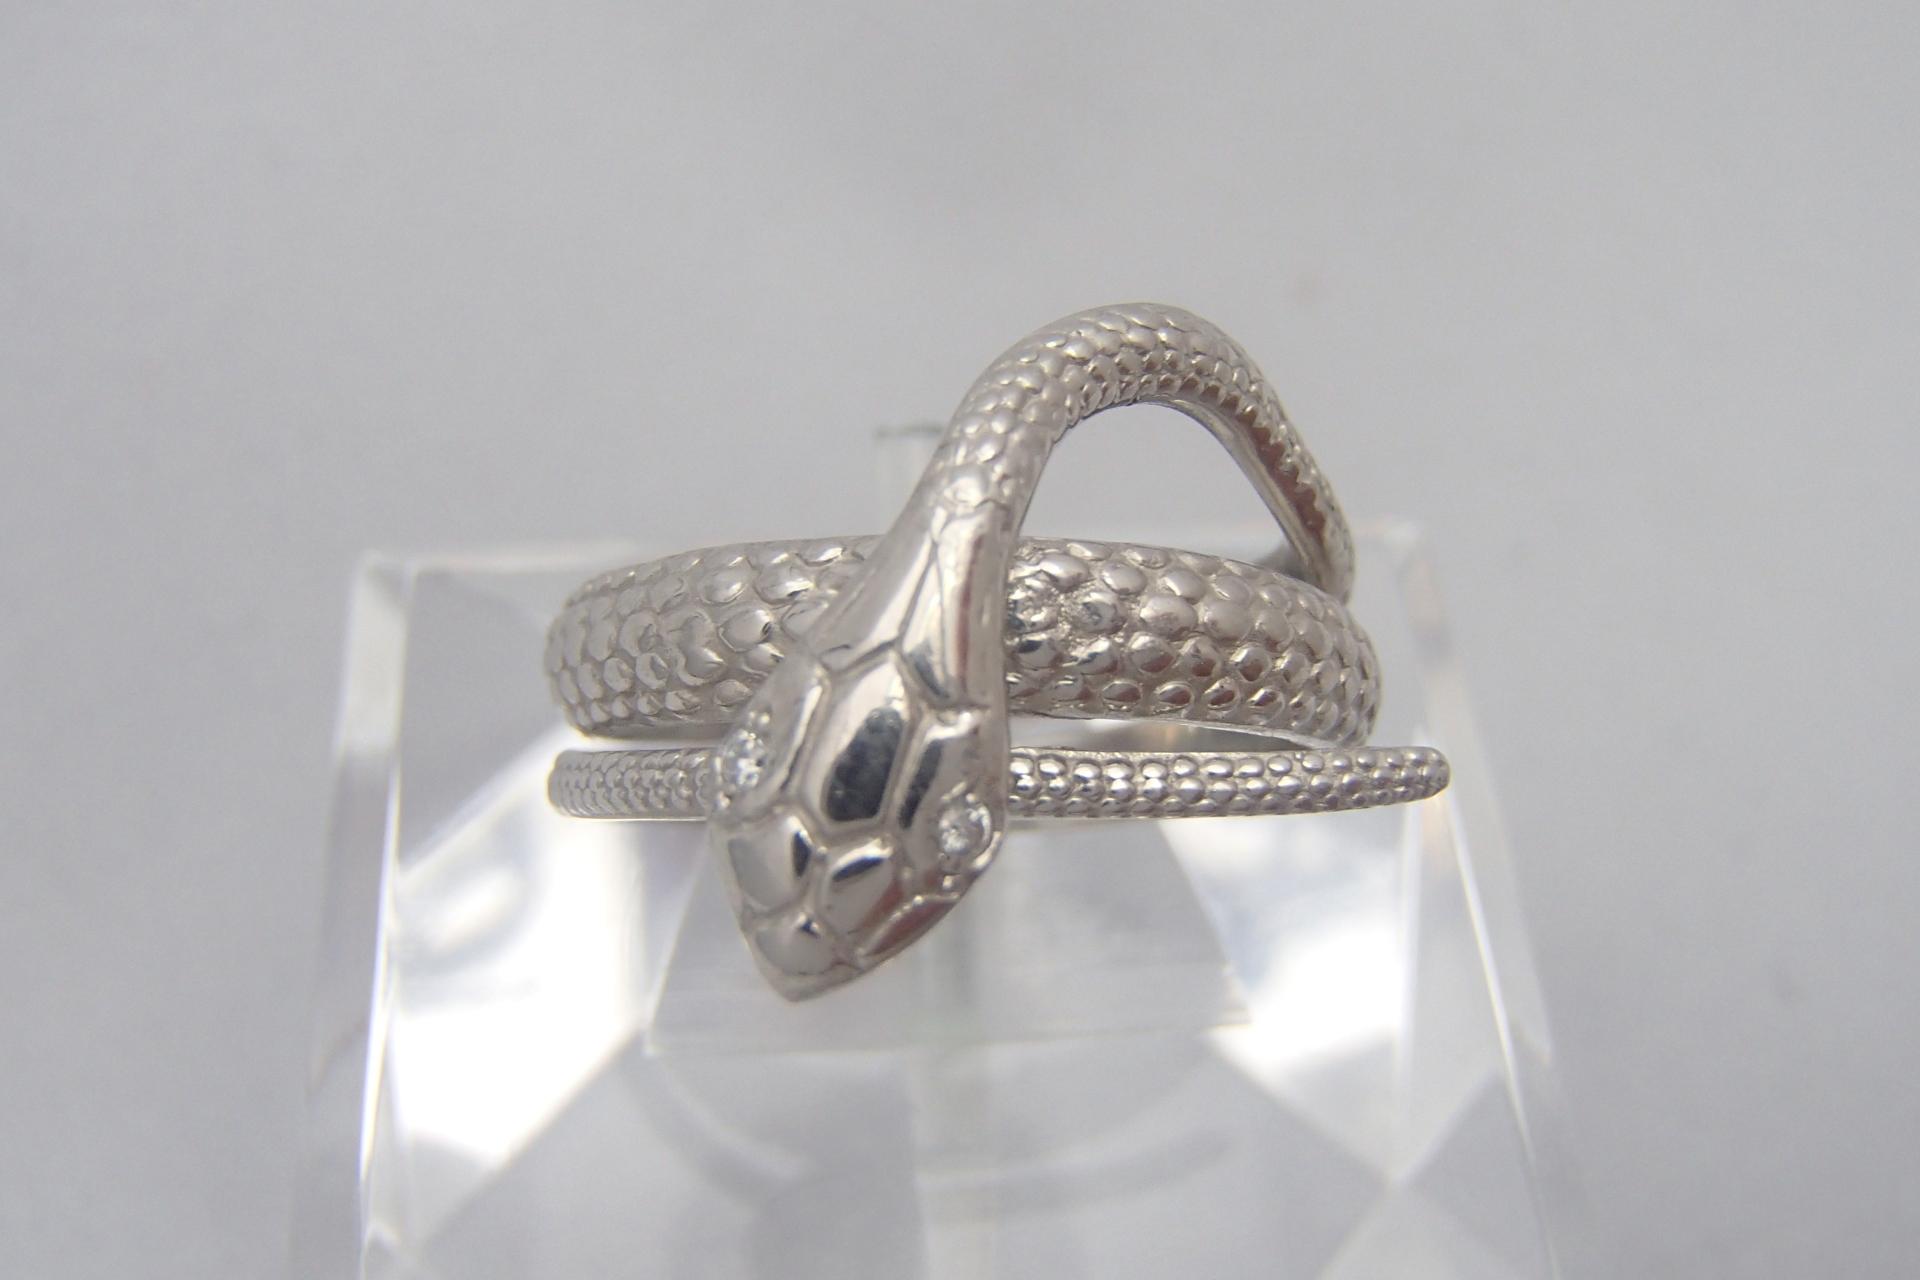 ダイヤモンドのカラットとは?ダイヤモンドの美しさにせまる!